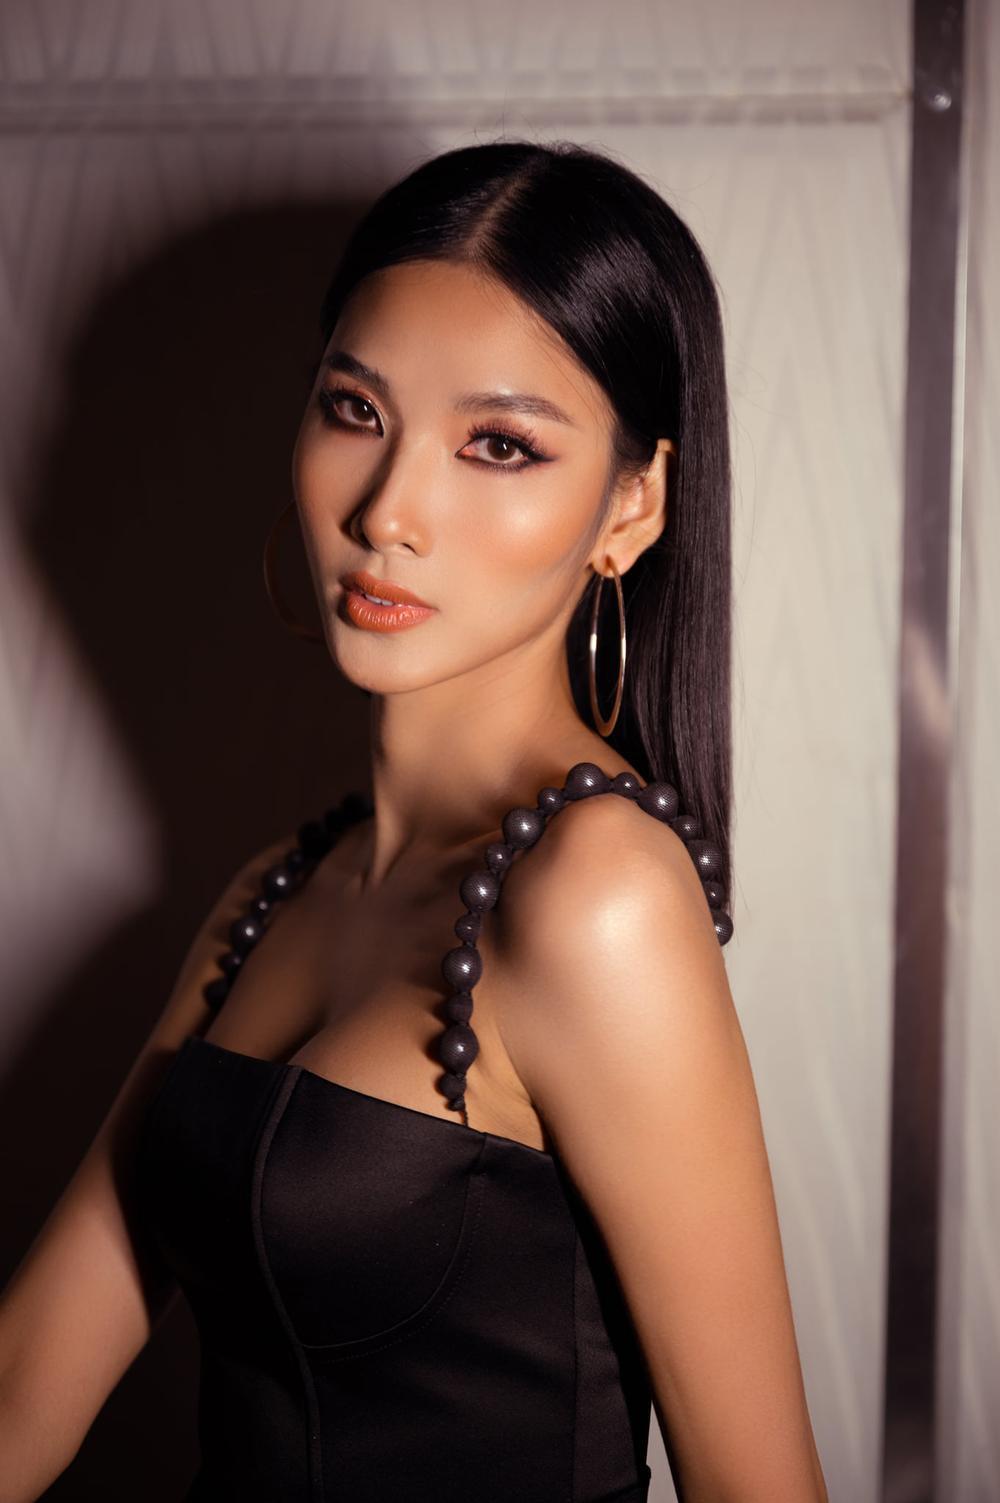 Sức hút mạnh mẽ của 7 hoa hậu 9X độc thân: Minh Tú - Hoàng Thùy - H'Hen Niê xứng danh chiến binh sắc đẹp Ảnh 4